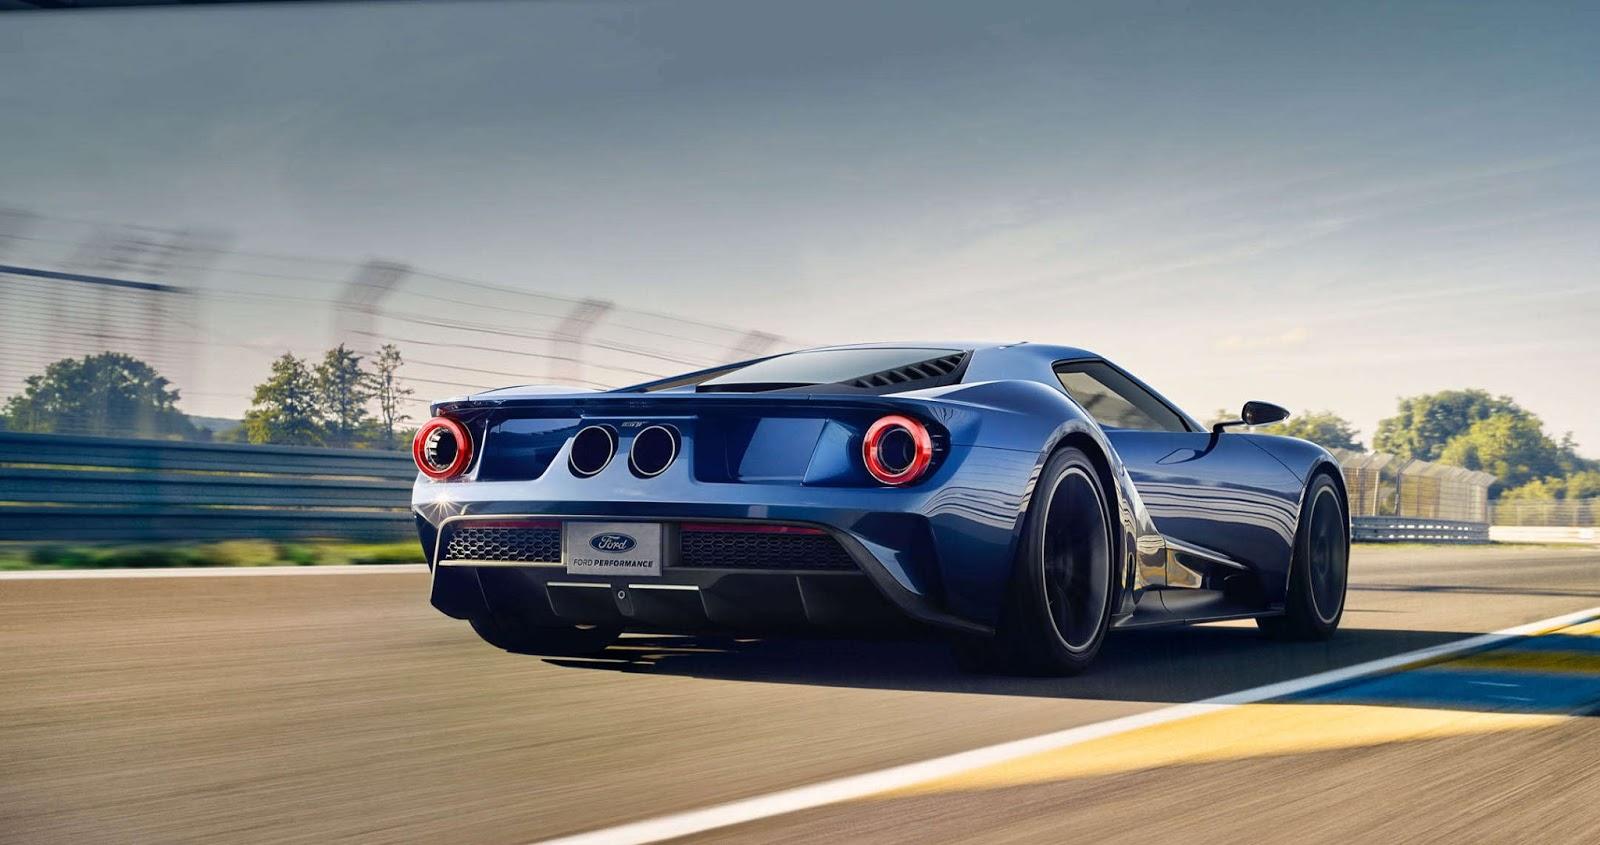 Michelin 3 4 back v2 large Διαμόρφωσε το δικό σου Ford GT όπως εσύ το θέλεις Ford, Ford GT, Ford GT 40, αγορά